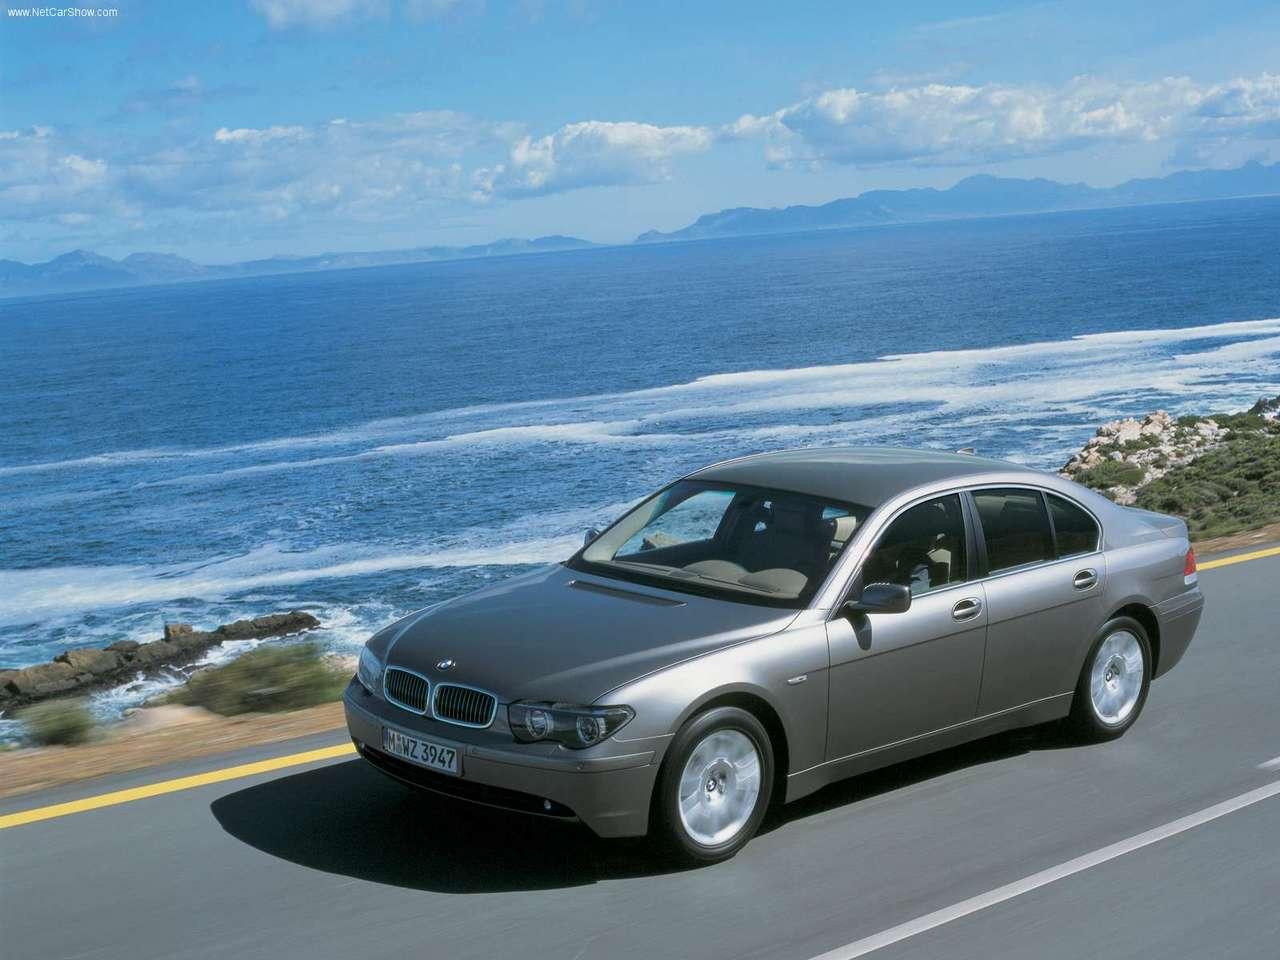 http://3.bp.blogspot.com/_vPMjJG-enrk/TAvUxCyF9XI/AAAAAAAAC78/_8QfB-reFN0/s1600/BMW-7_Series_2002_1280x960_wallpaper_01.jpg